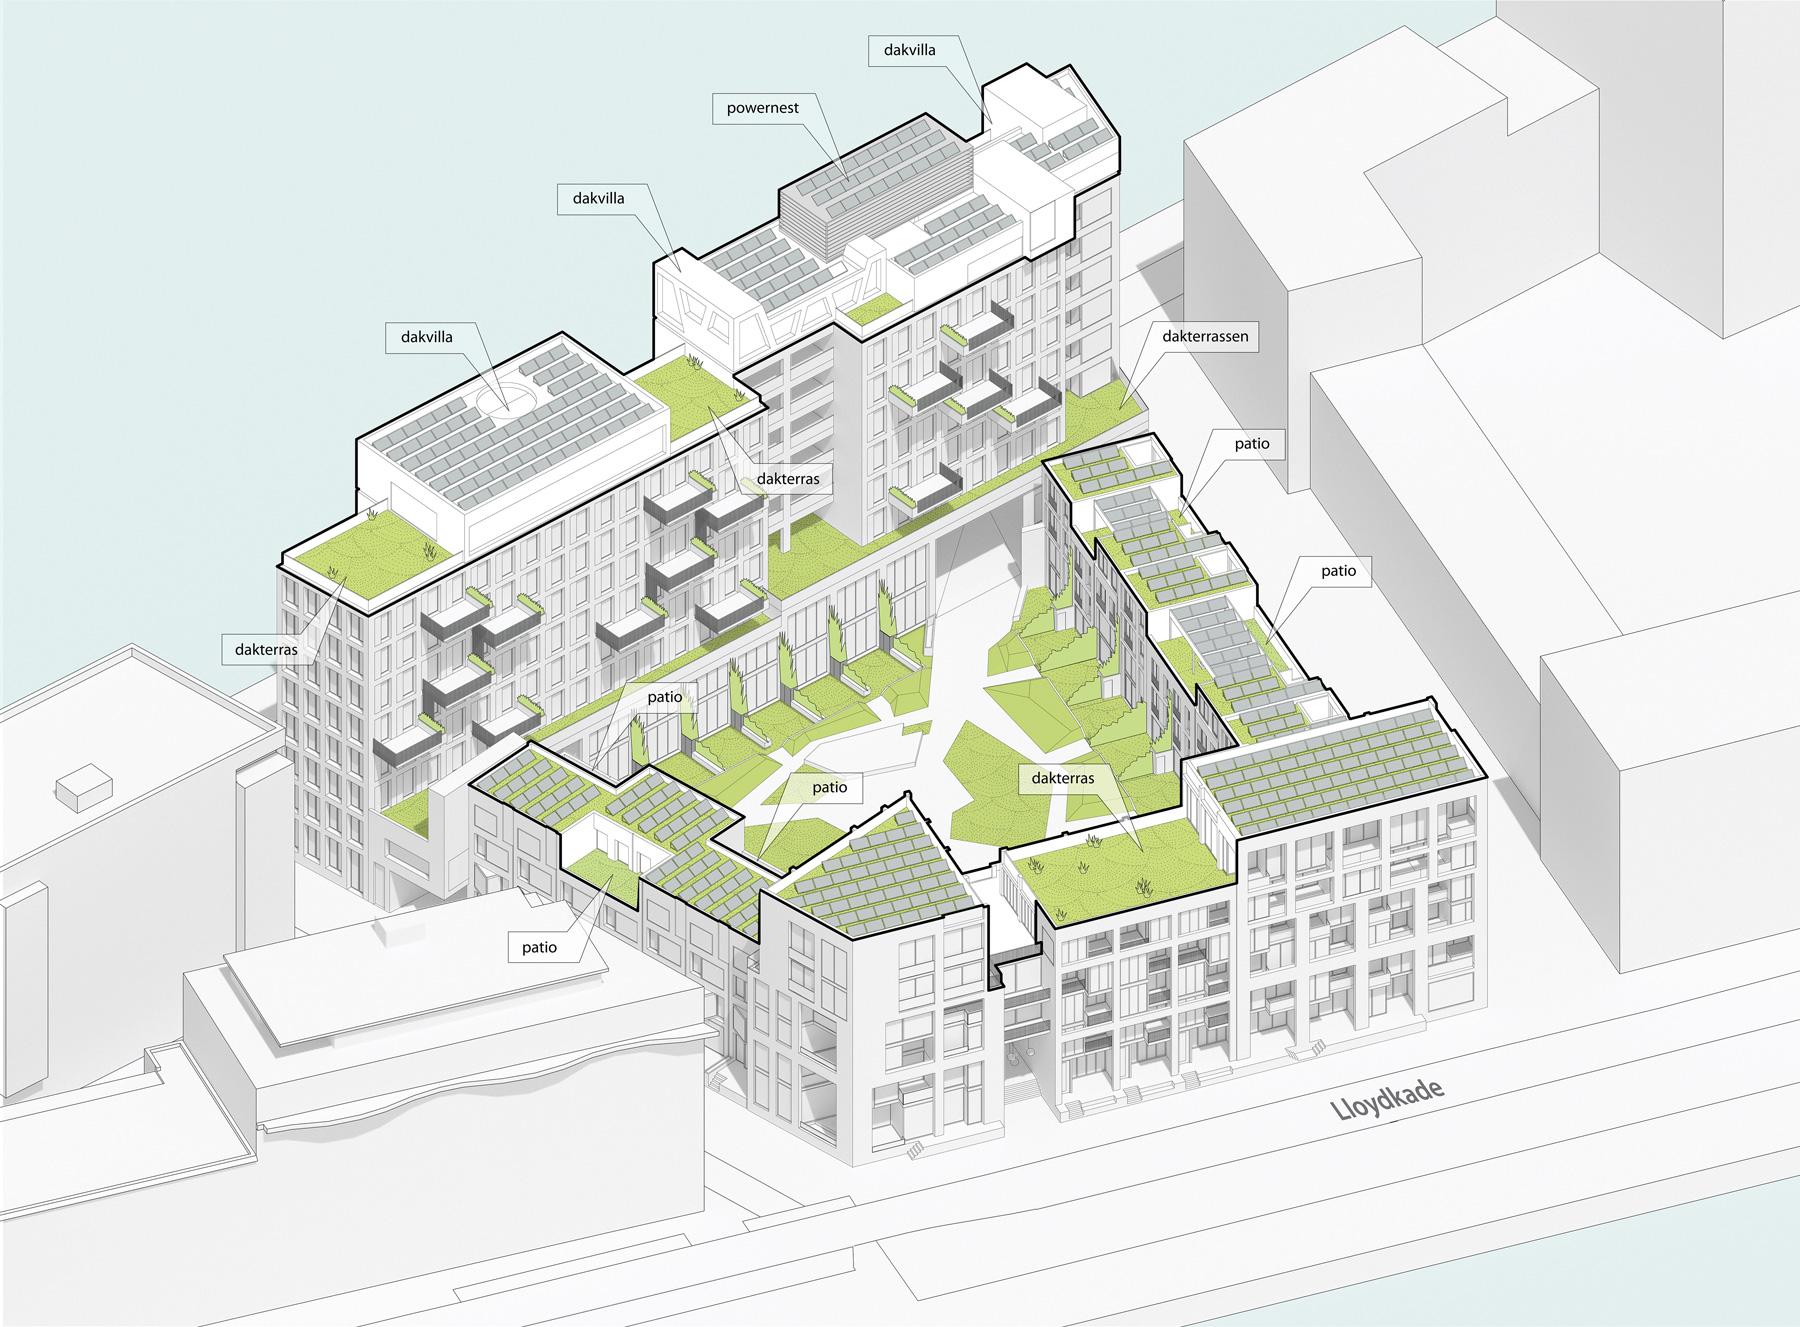 architectuur_maken_lloydpier_rotterdam_dak_energie